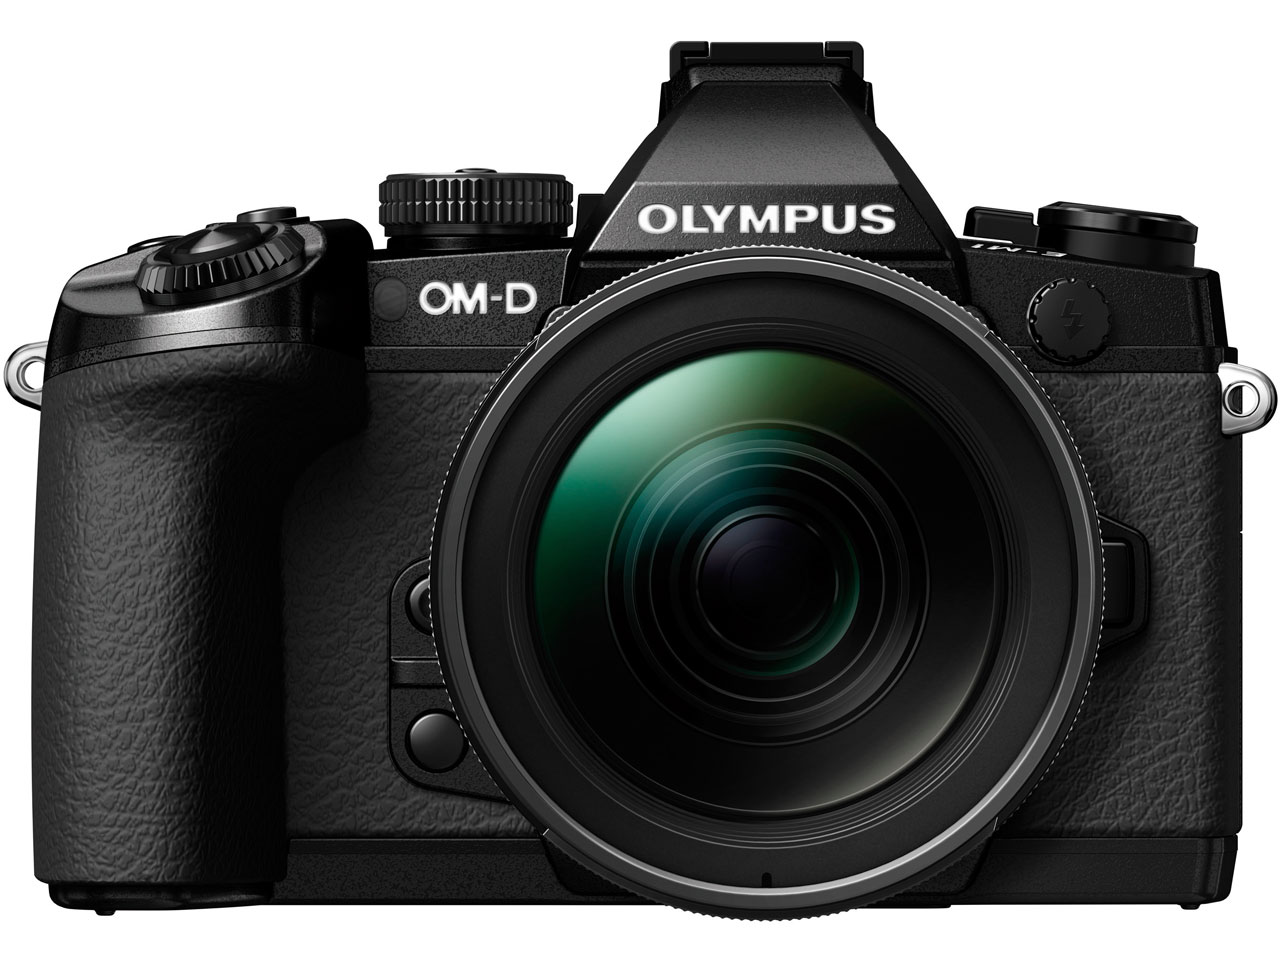 『本体 正面1』 OLYMPUS OM-D E-M1 12-40mm F2.8 レンズキット の製品画像